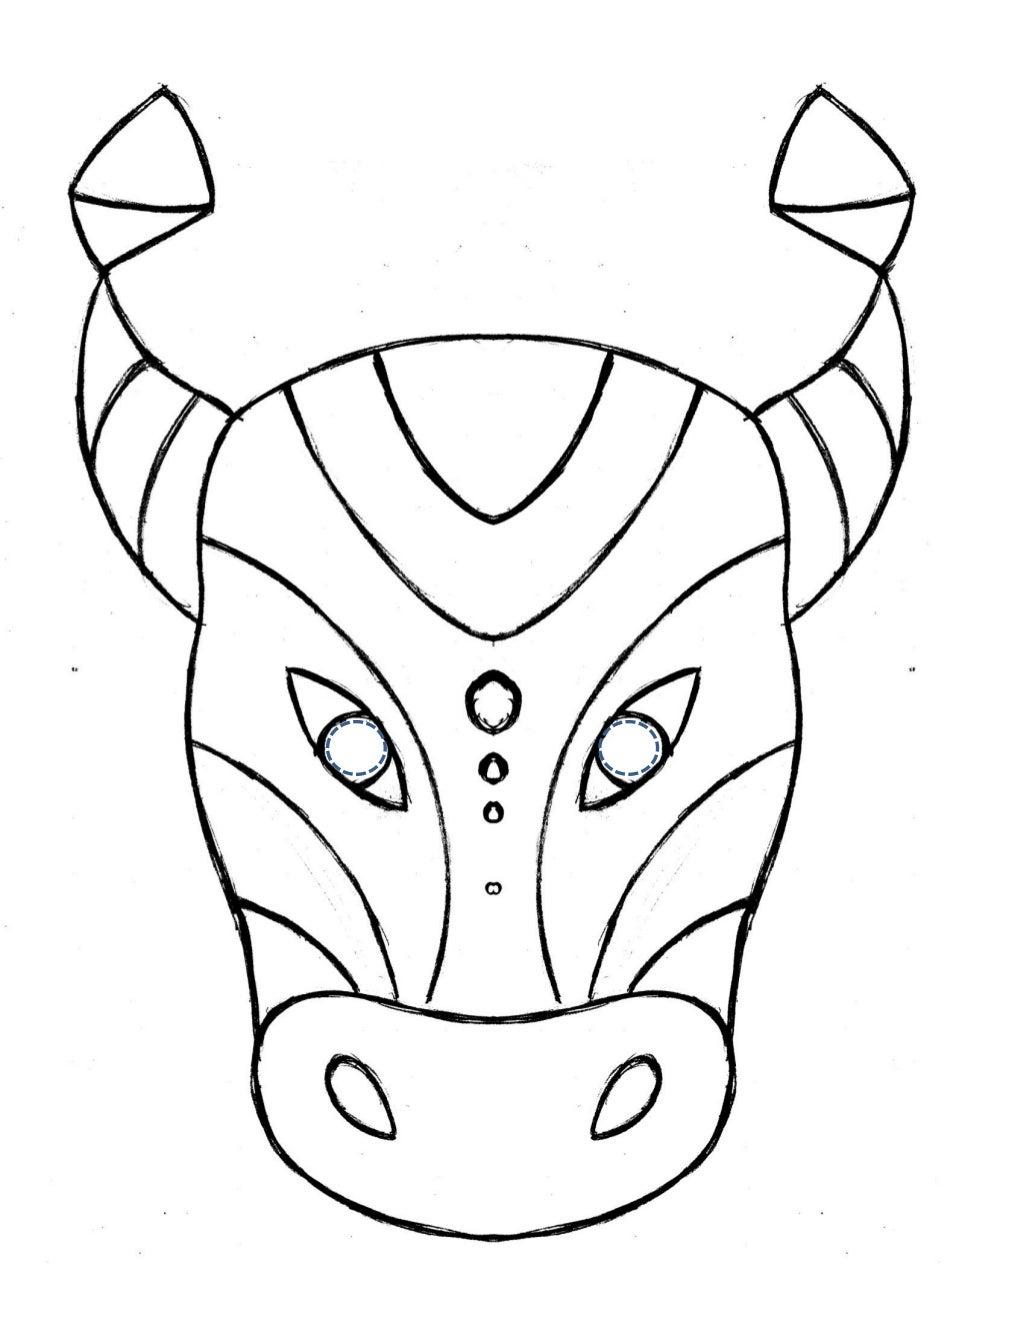 Mascaras de carnaval de barranquilla - Mascaras para carnaval ...